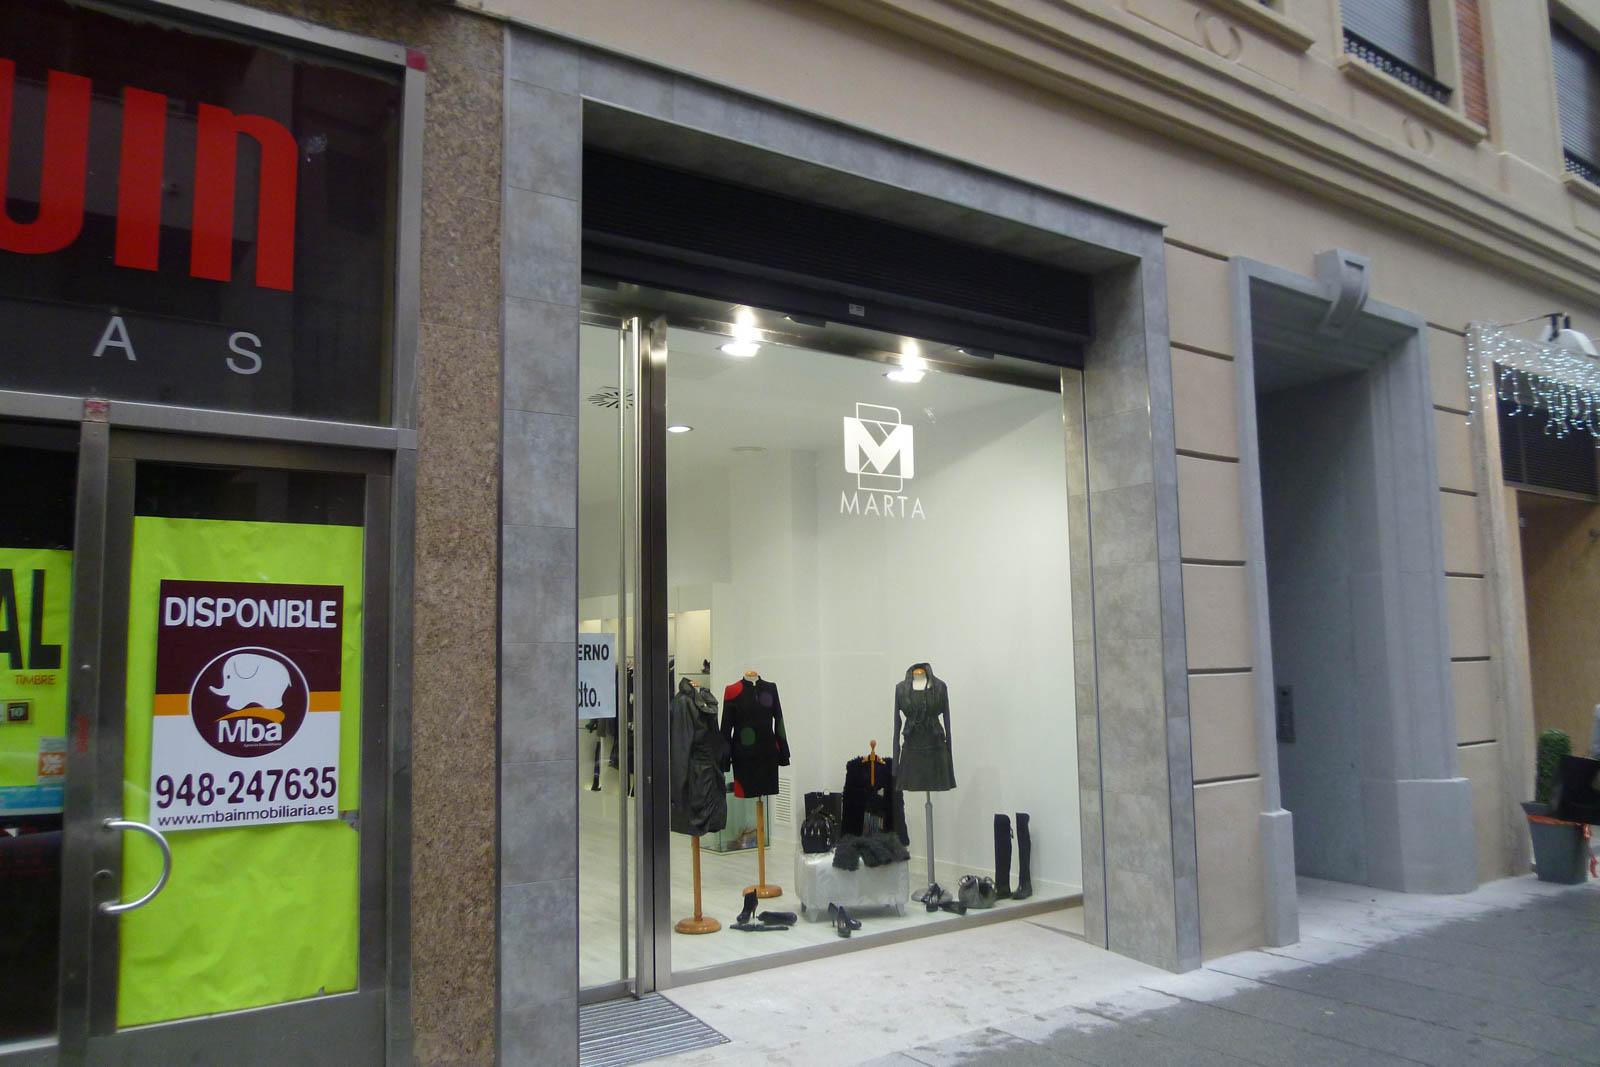 Mantenimiento Tienda Marta